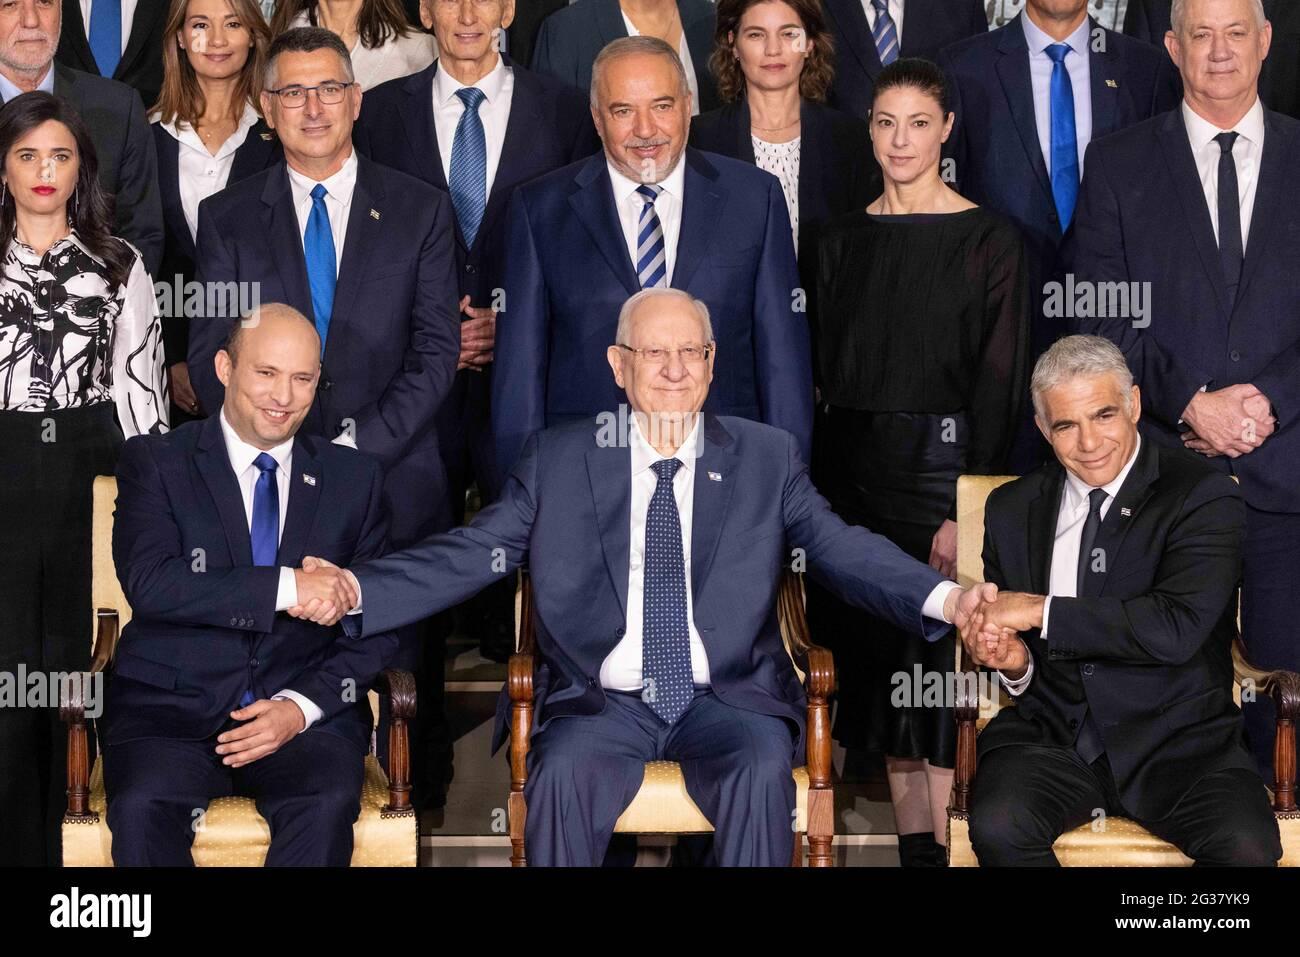 (210614) -- JERUSALEM, 14. Juni 2021 (Xinhua) -- Der neue israelische Premierminister Naftali Bennett (L, erste Reihe), der israelische Präsident Reuven Rivlin (C, erste Reihe) und der alternative Premierminister und Außenminister Yair Lapid (R, erste Reihe) posieren für ein Gruppenfoto mit den neuen Regierungsministern in der Residenz des Präsidenten in Jerusalem, 14. Juni 2021. (JINI via Xinhua) Stockfoto